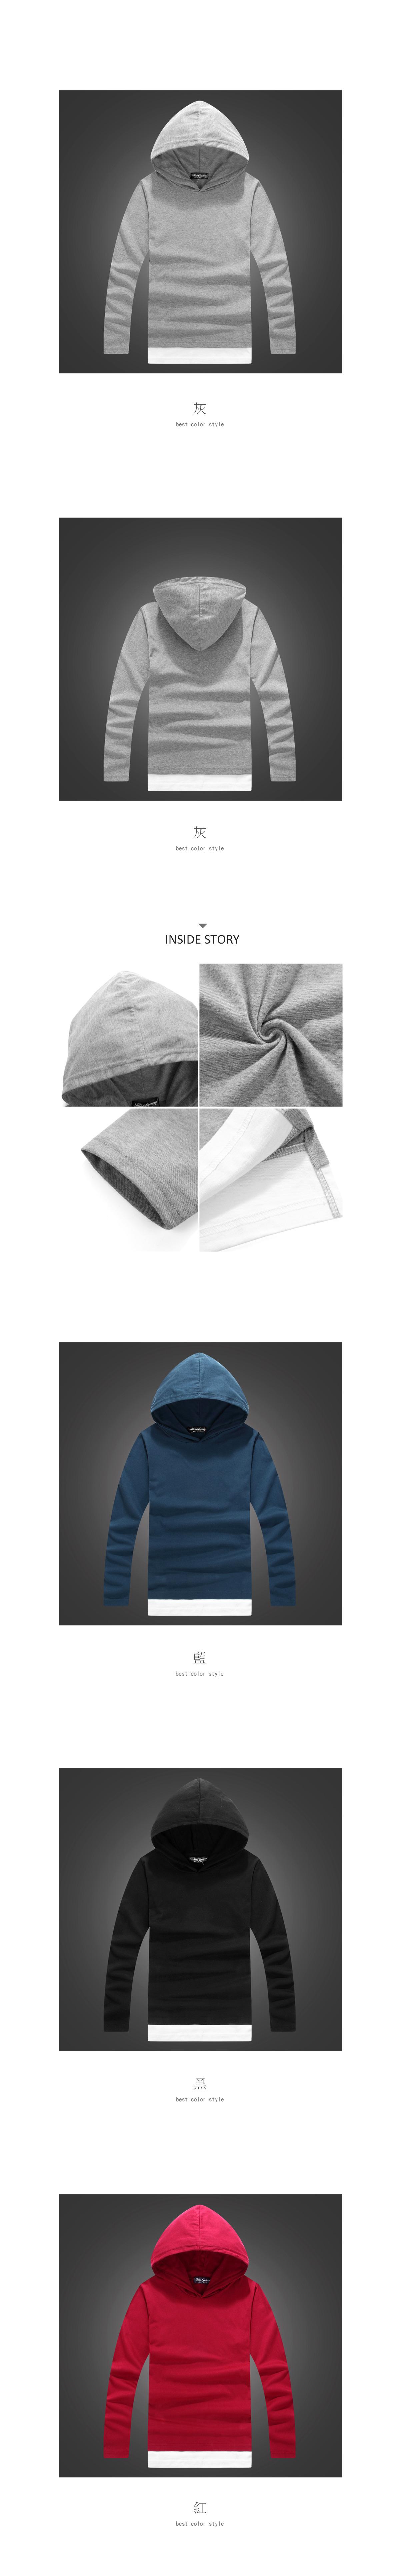 【季末出清】台灣製造好搭單品.假兩件式側開純棉連帽長T